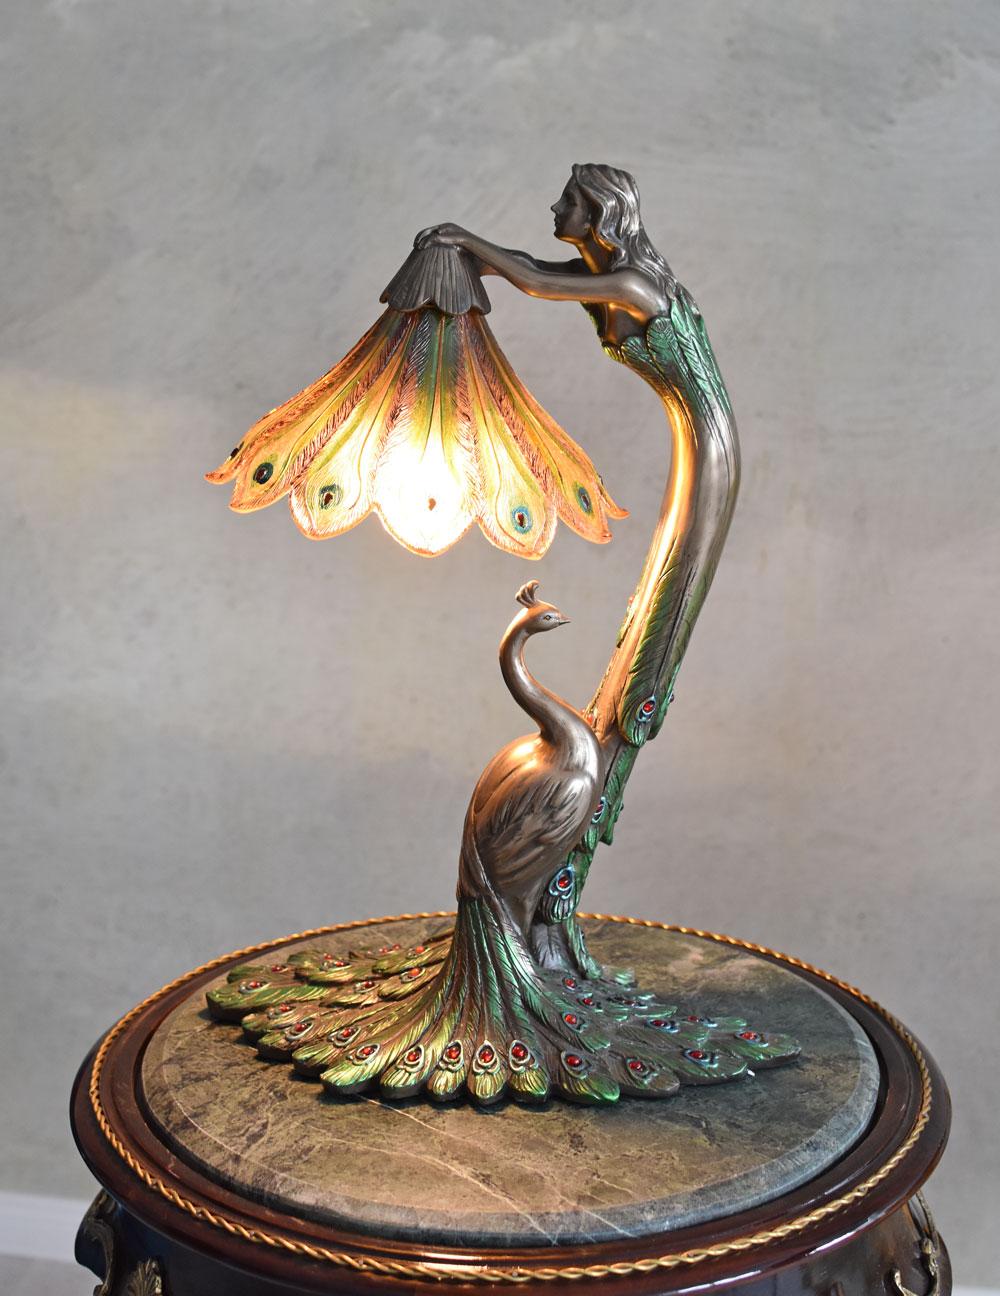 Tischlampe Leuchte Antik Tischleuchte Lampe Frauenfigur Nachttischlampe Vintage